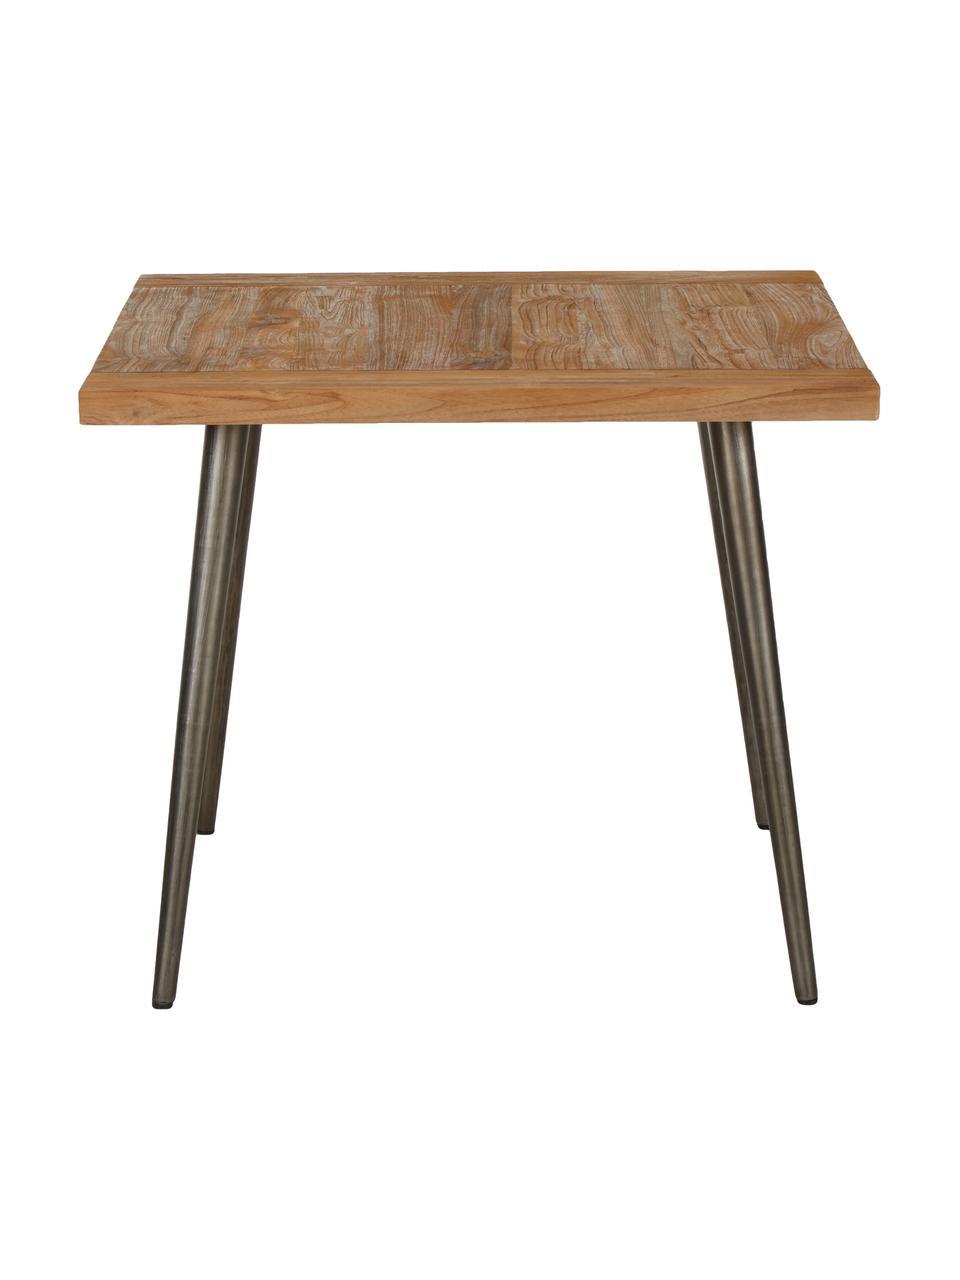 Esstisch Kapal aus recyceltem Teakholz, 90 x 90 cm, Tischplatte: 3.5 cm starkes, recycelte, Beine: Stahl mit gewollten Gebra, Teakholz, B 90 x T 90 cm